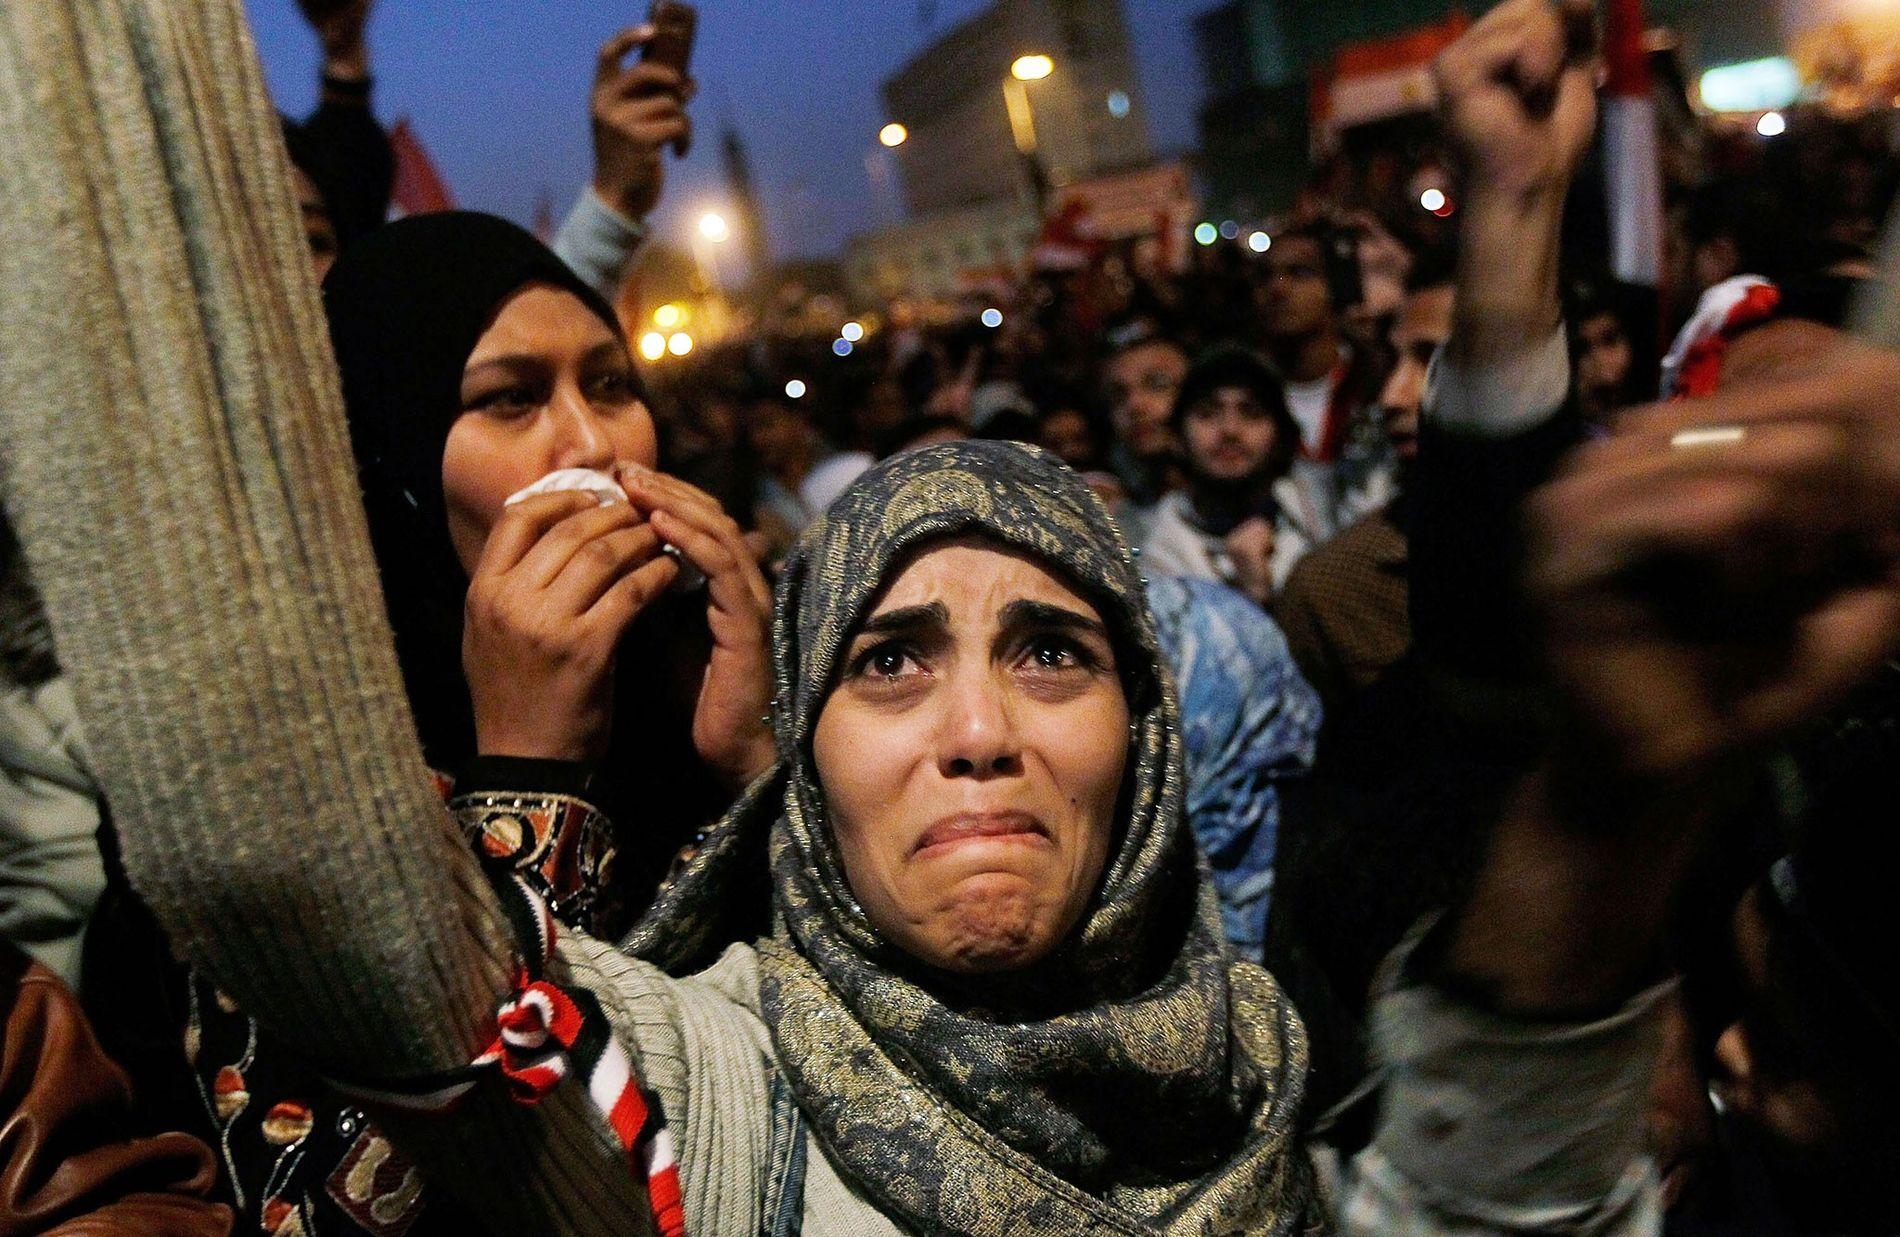 Sur la Place Tahrir, une jeune femme pleure après l'annonce de la démission du président égyptien Hosni Mubarak, conséquence de 18 jours de manifestations massives dans la région.